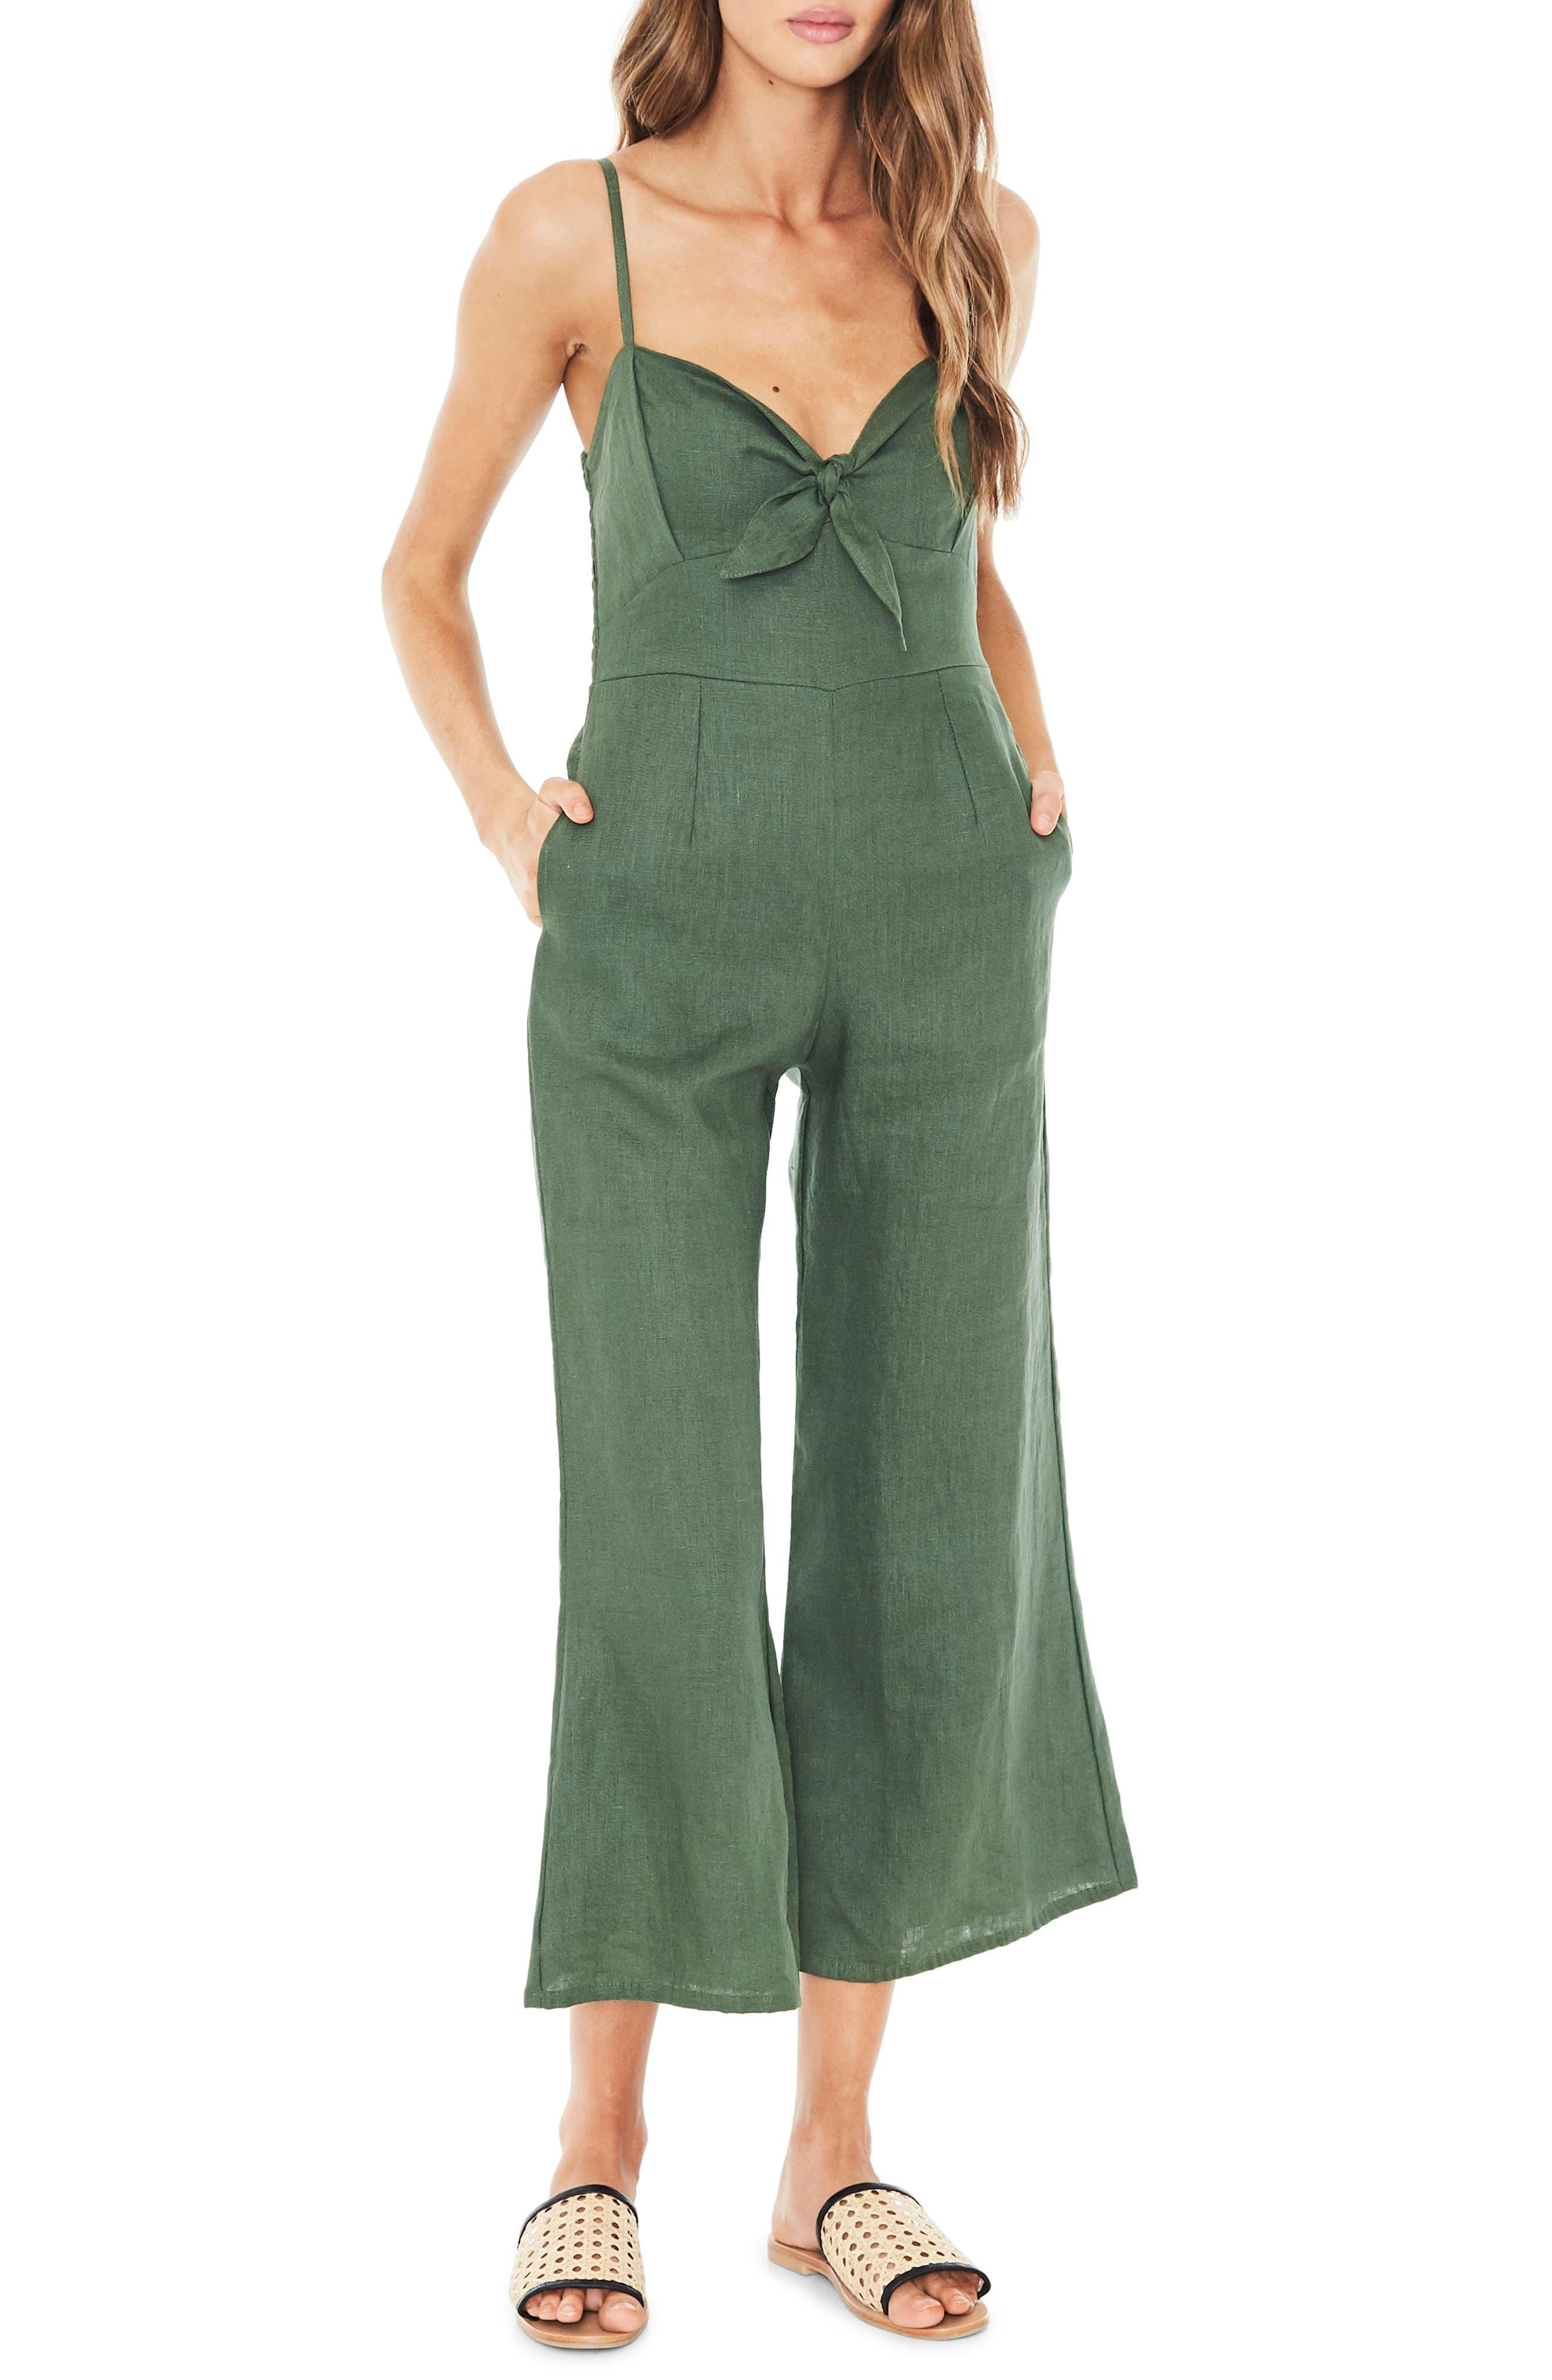 Presley Linen Jumpsuit,                             Main thumbnail 1, color,                             PLAIN MOSS GREEN